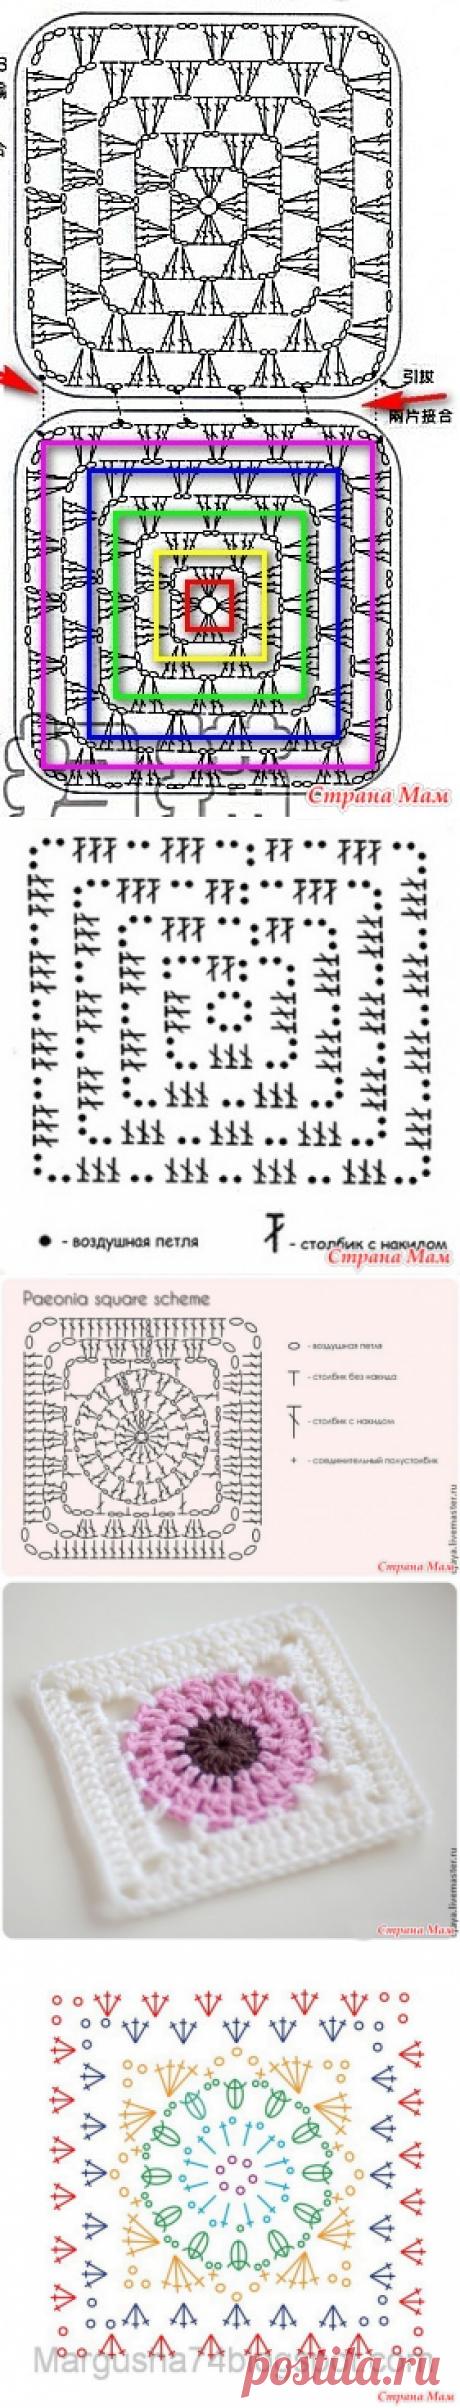 Проект-игра Магический (бабушкин) квадрат. Этап 1. Январь. Набор желающих закончен - Рукоделие и творчество с Солнечной))) - Страна Мам